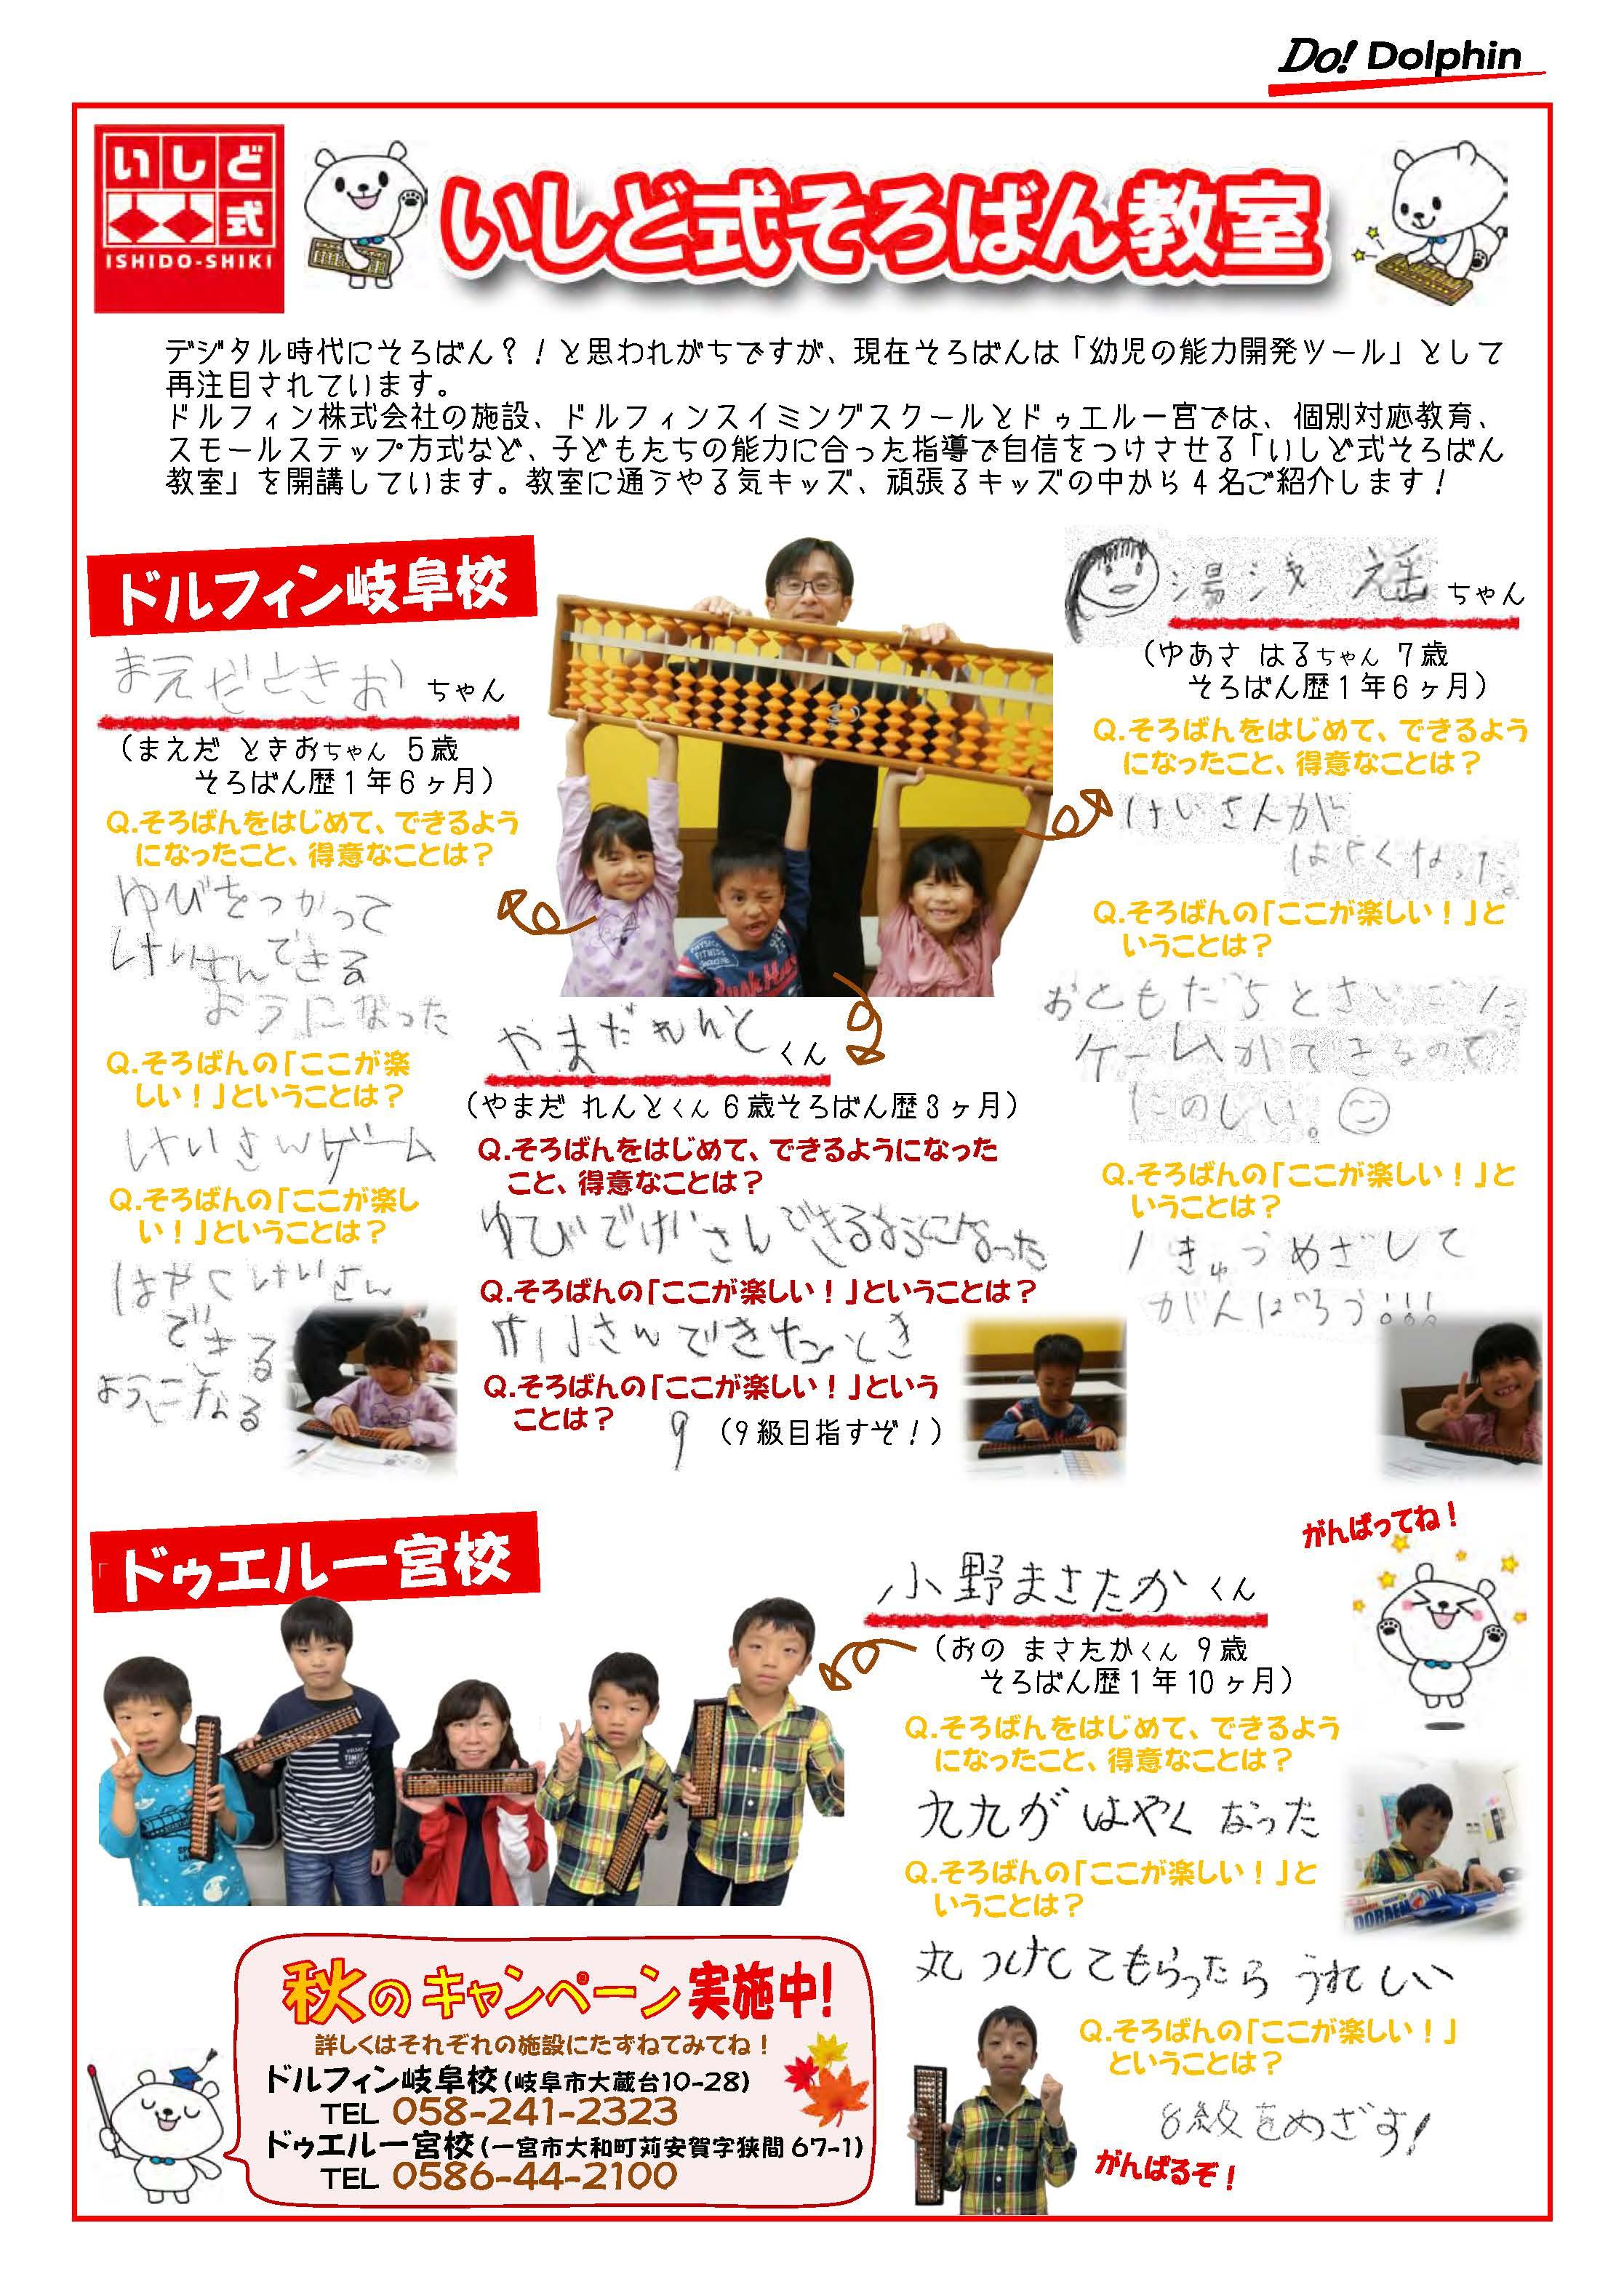 ドルフィン広報誌11月号校了_compressed(1)_ページ_4